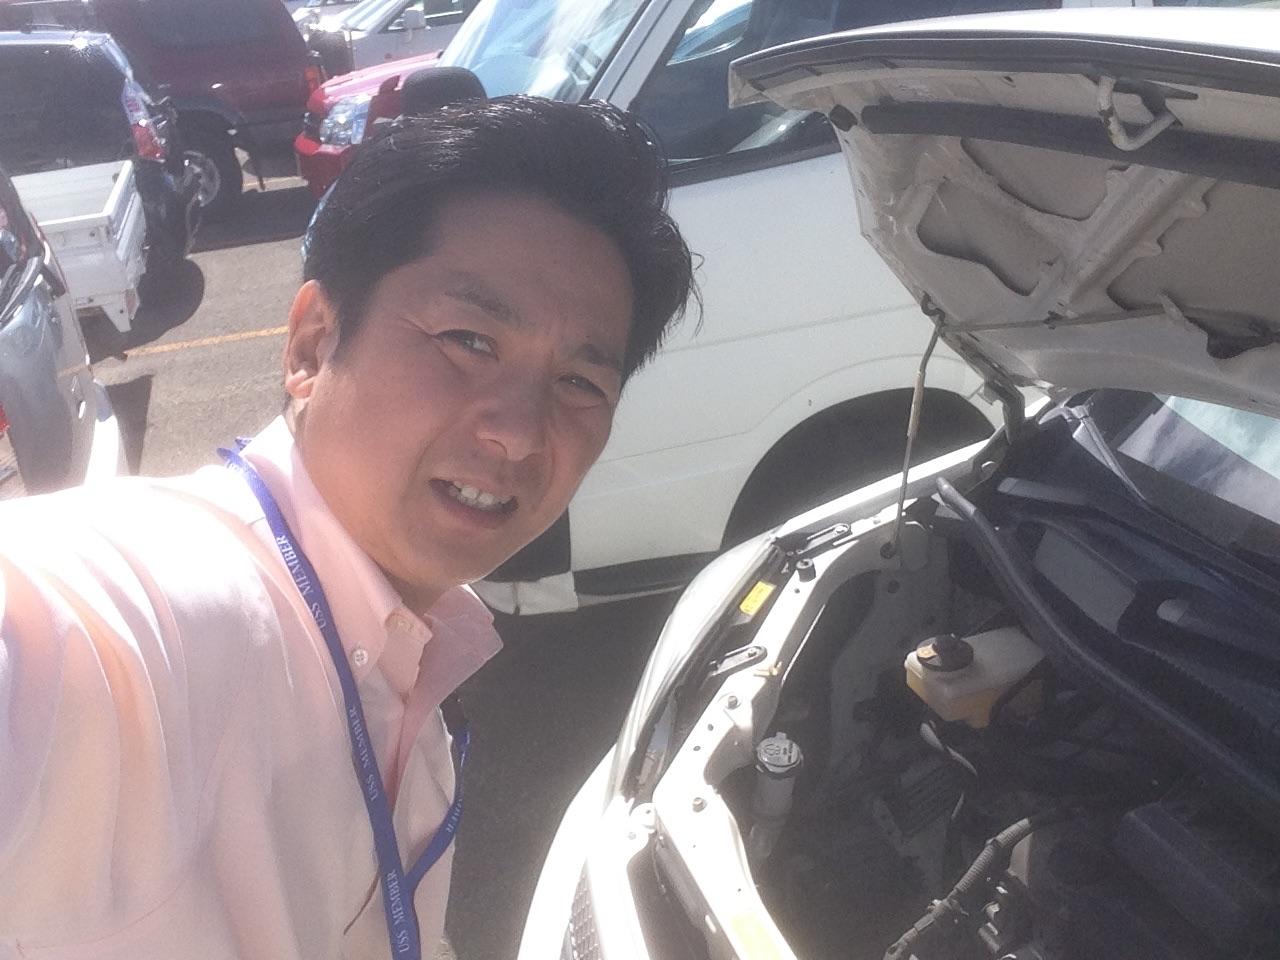 7月8日(水)トミーアウトレット☆T様エクストレイルご成約♪♪グッチーブログ☆激熱!!!_b0127002_17532587.jpg